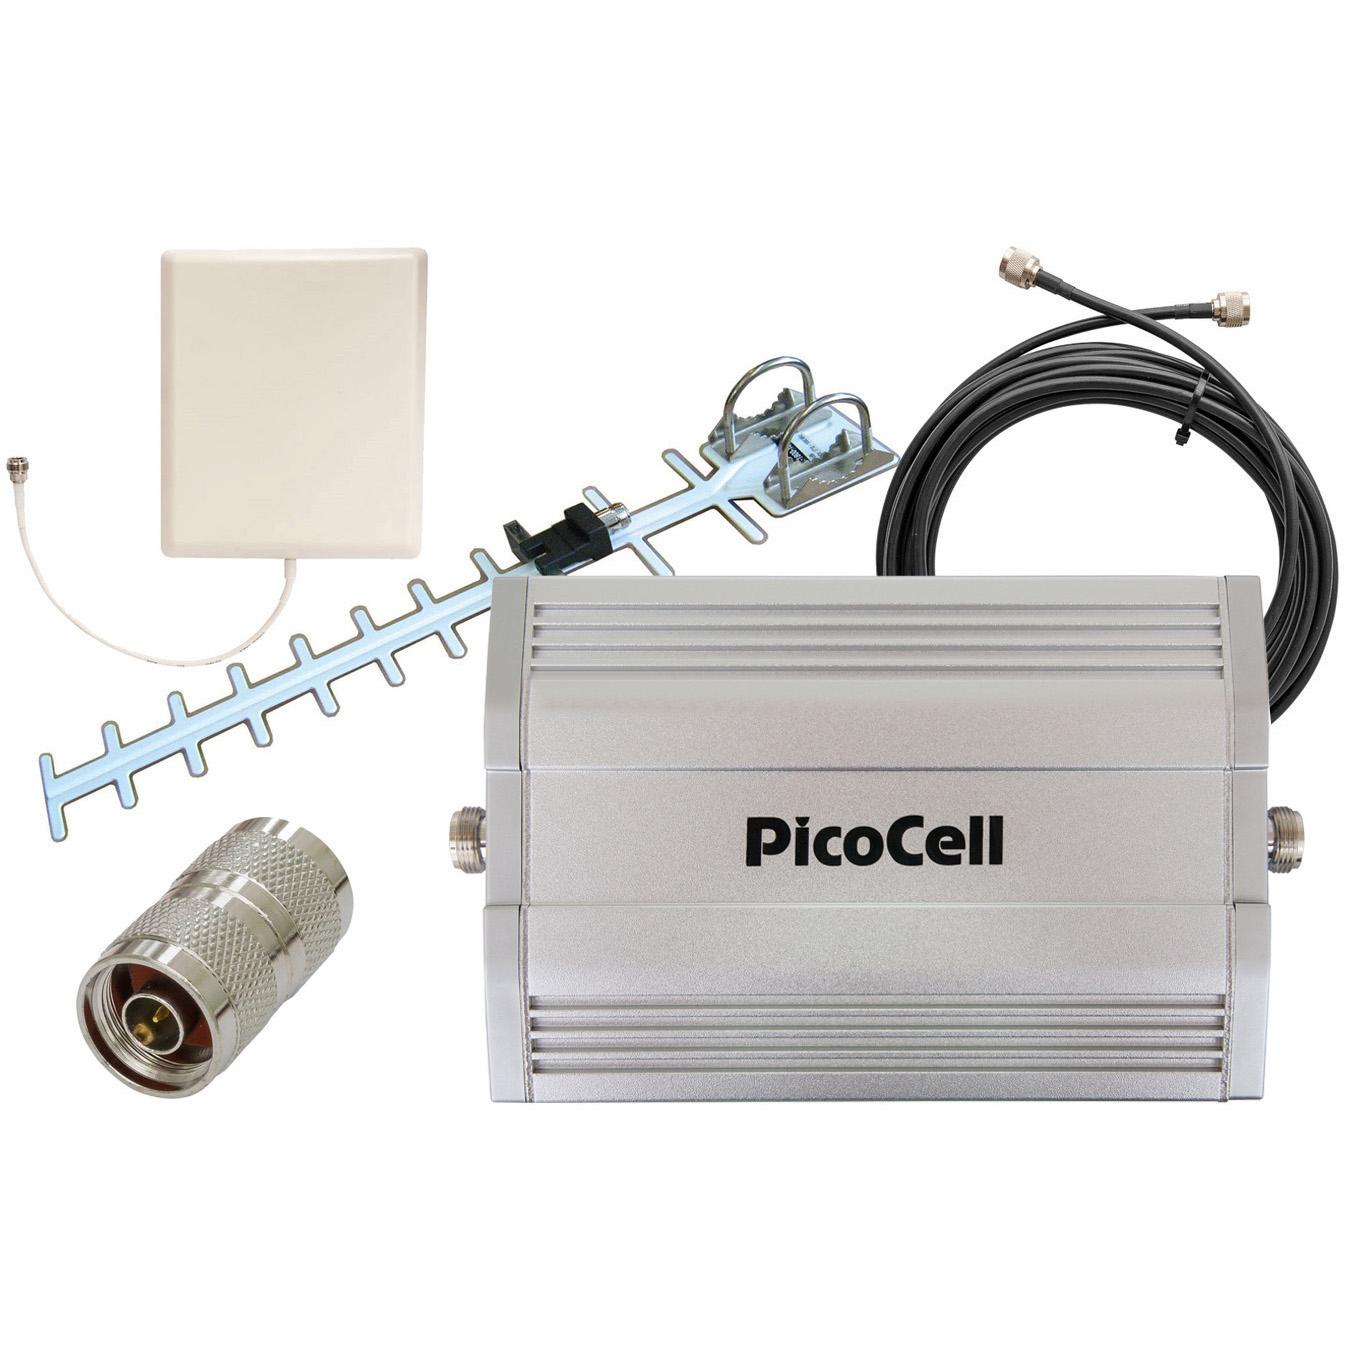 Комплект PicoCell 2000 SXB+ (LITE 5) (+ Кронштейн в подарок!) репитер picocell 2000 sxb